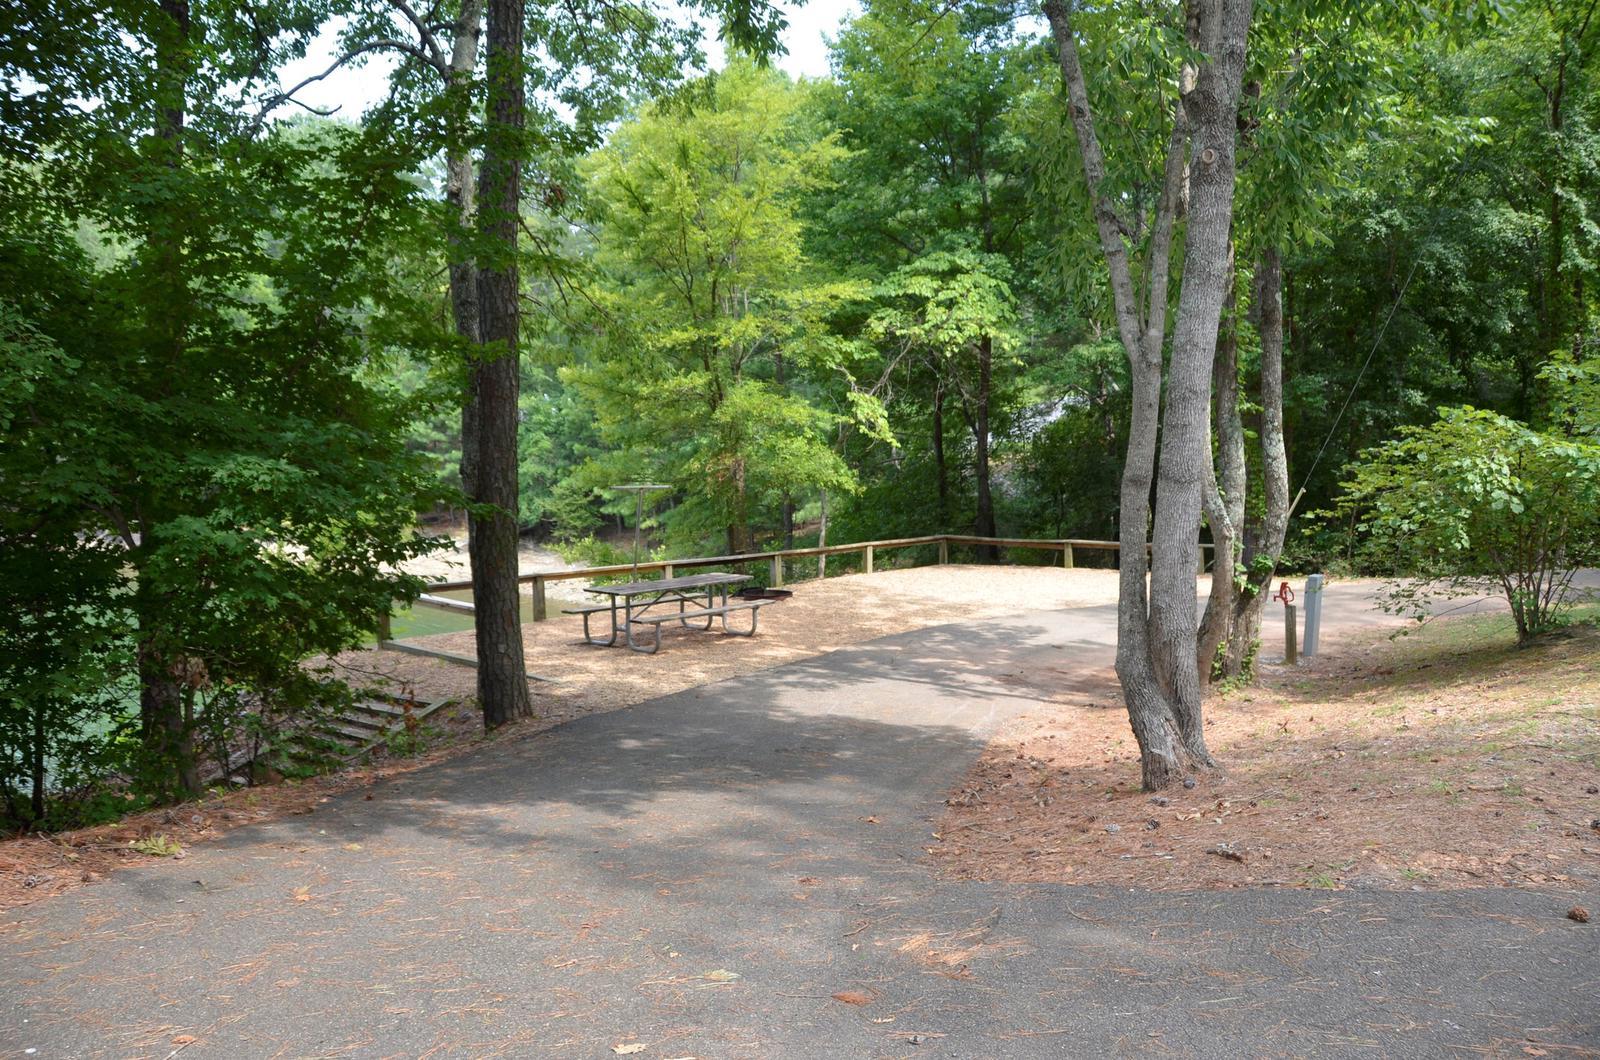 McKinney Campground Site 43